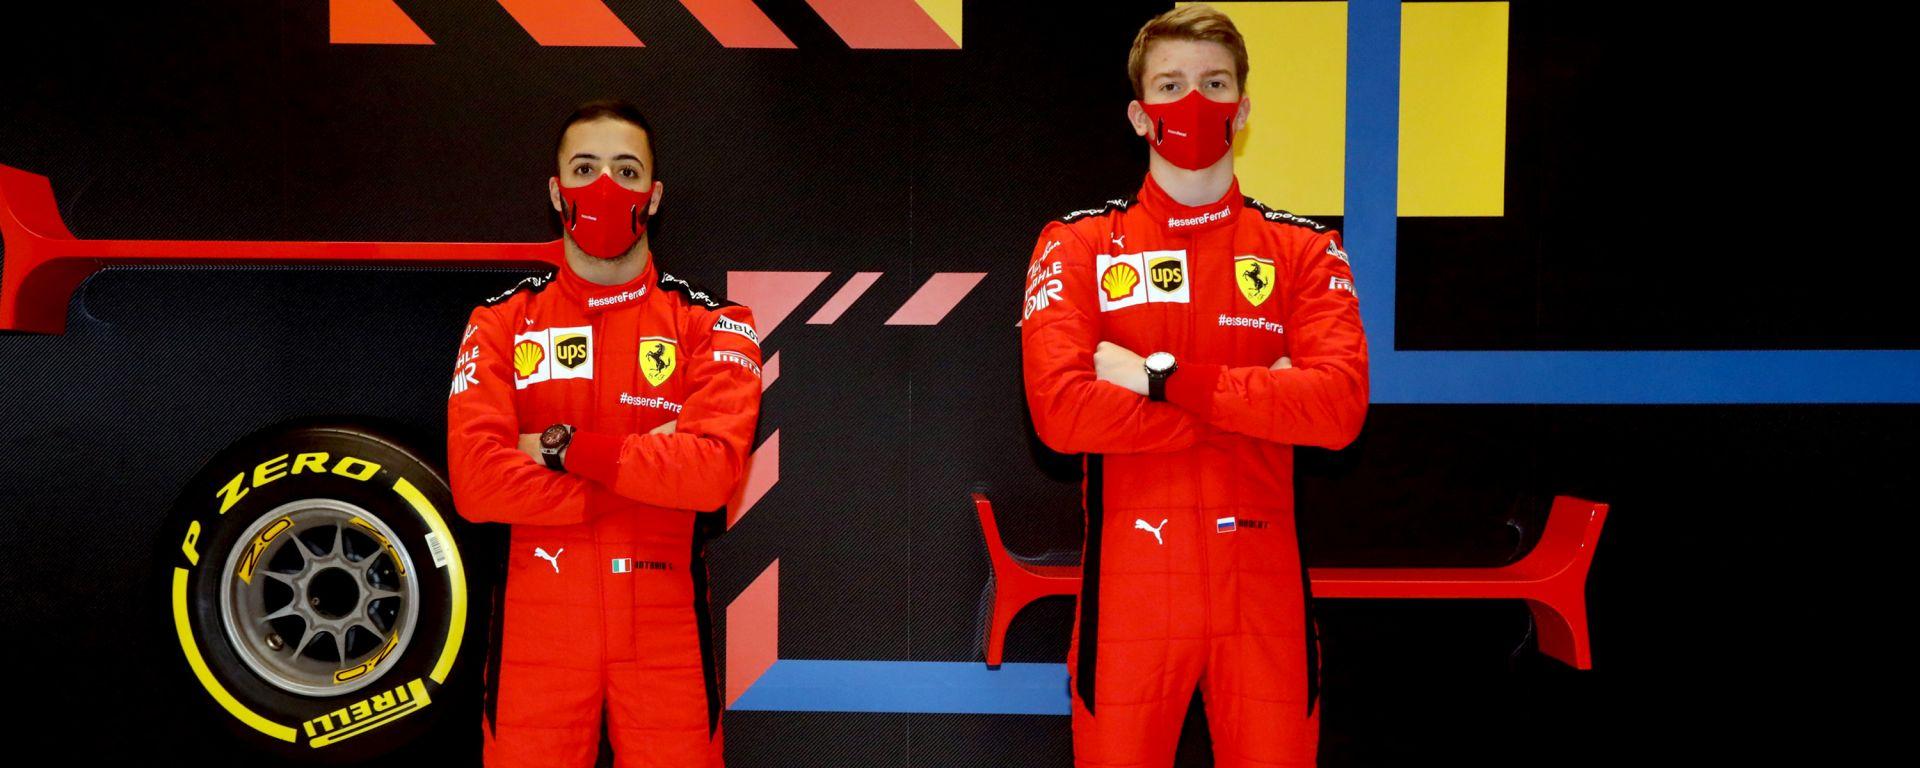 F1 2020: Antonio Fuoco e Robert Shwartzman (Ferrari Driver Academy)